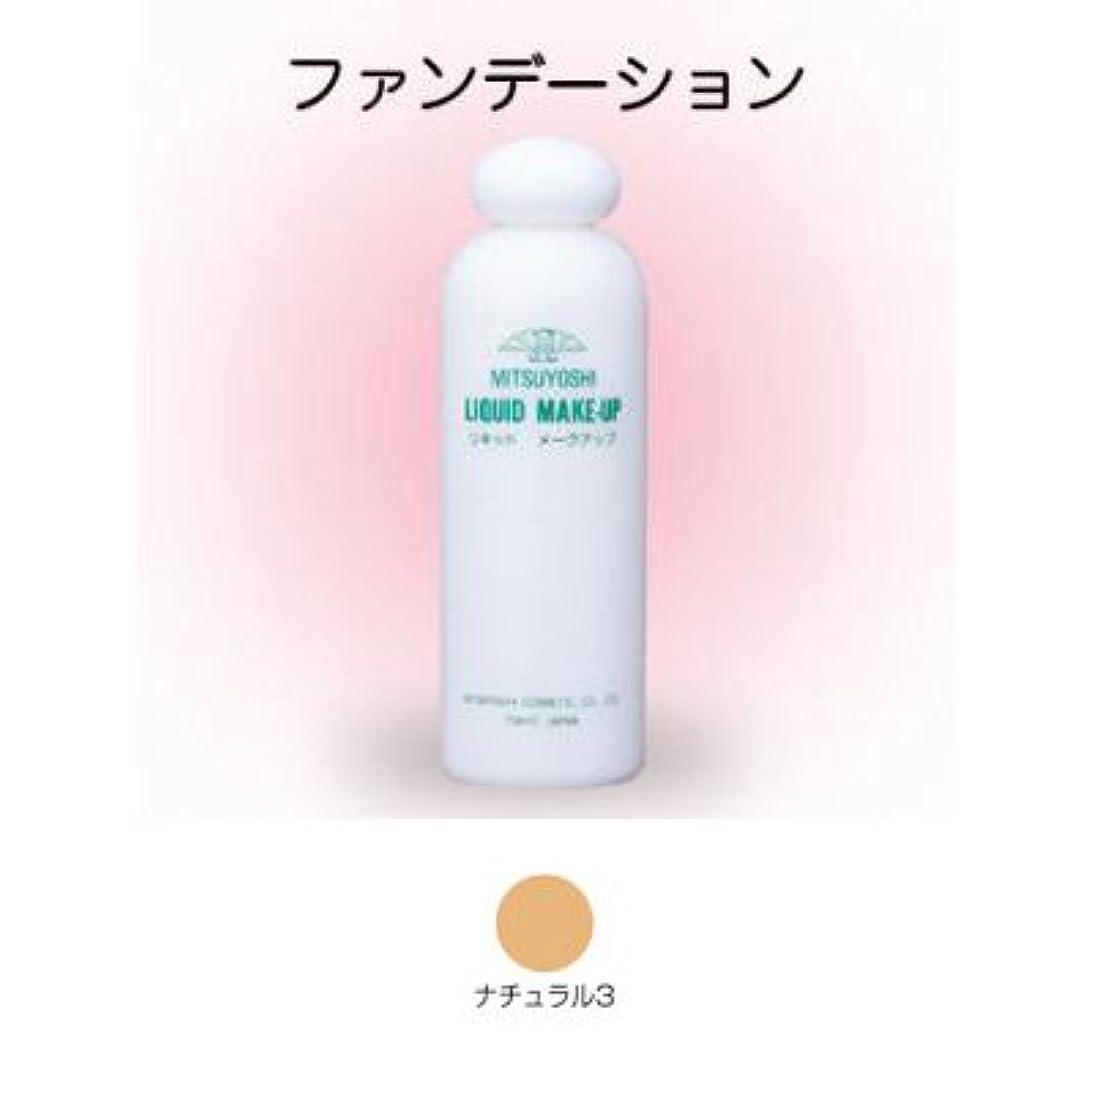 サイズ残忍なスチュアート島リキッドメークアップ 200ml ナチュラル3 【三善】